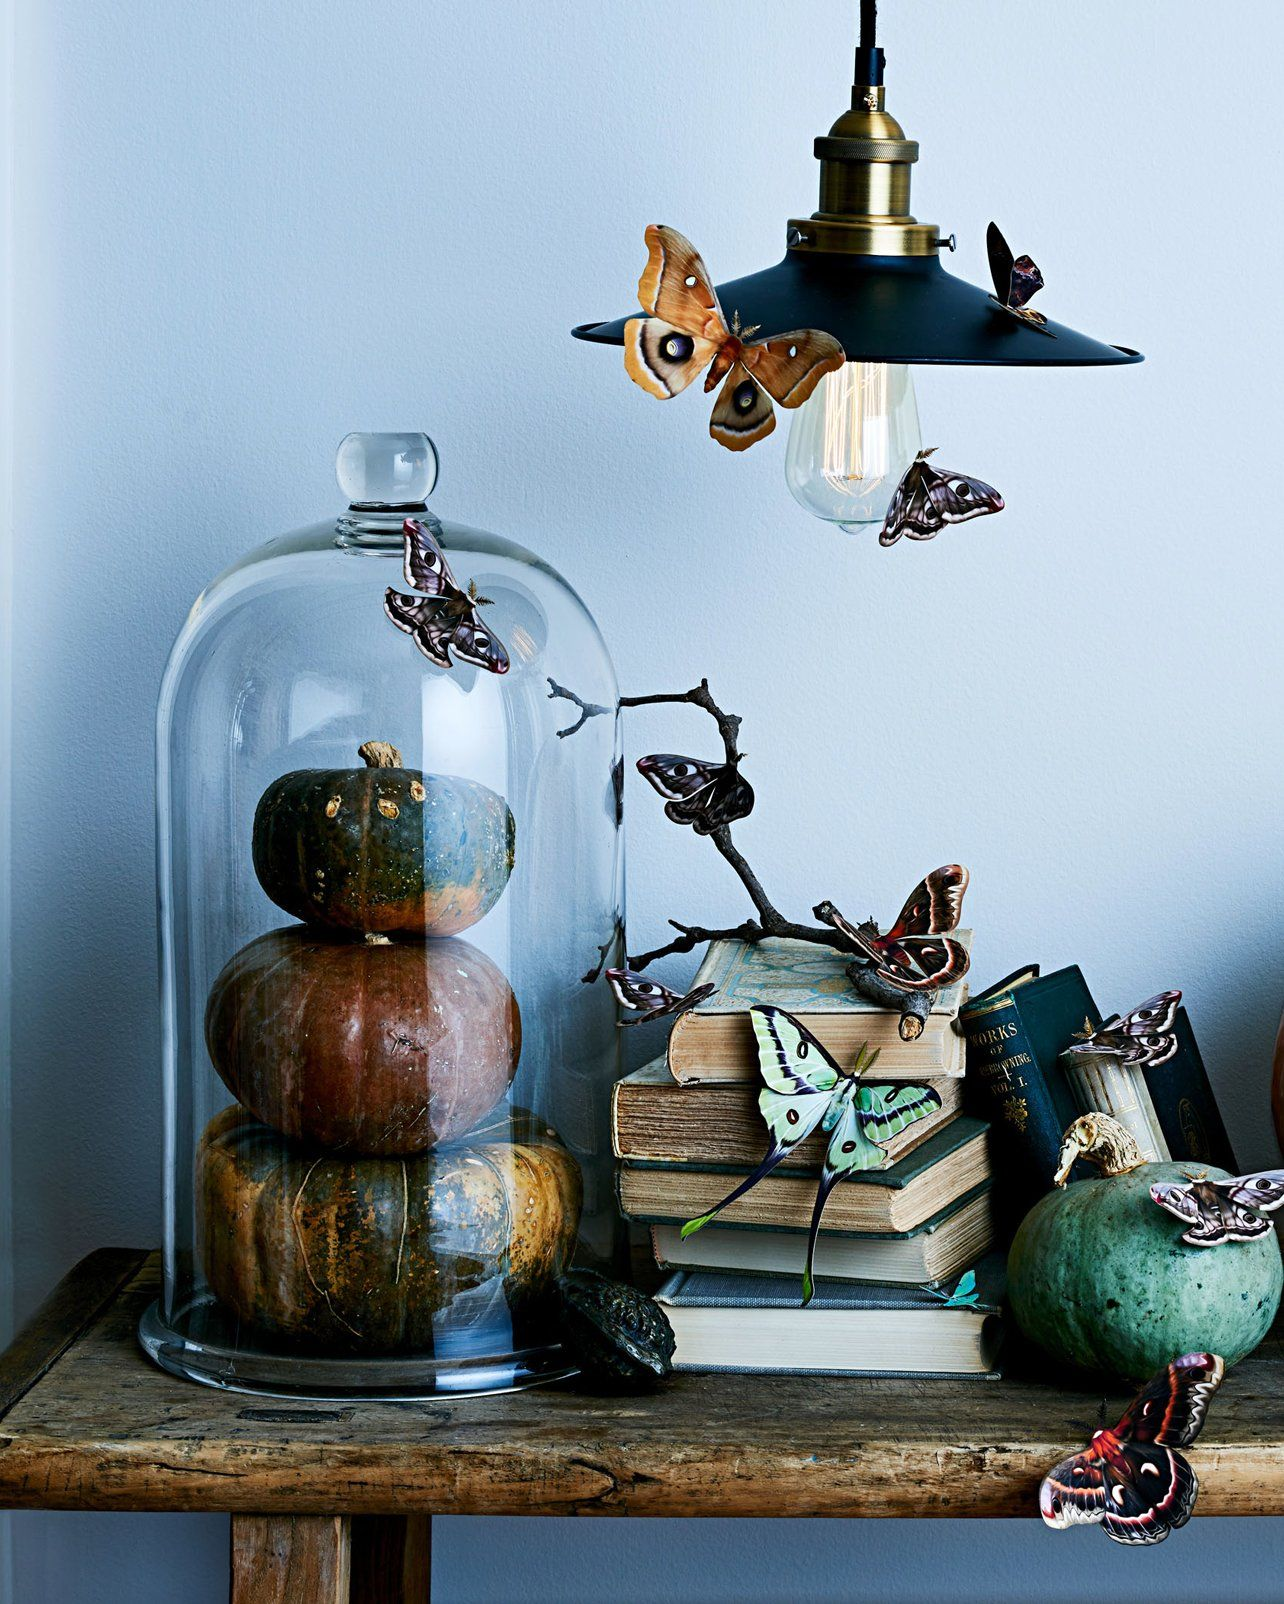 20 of Our Best Indoor Halloween Decorations | Easy ...